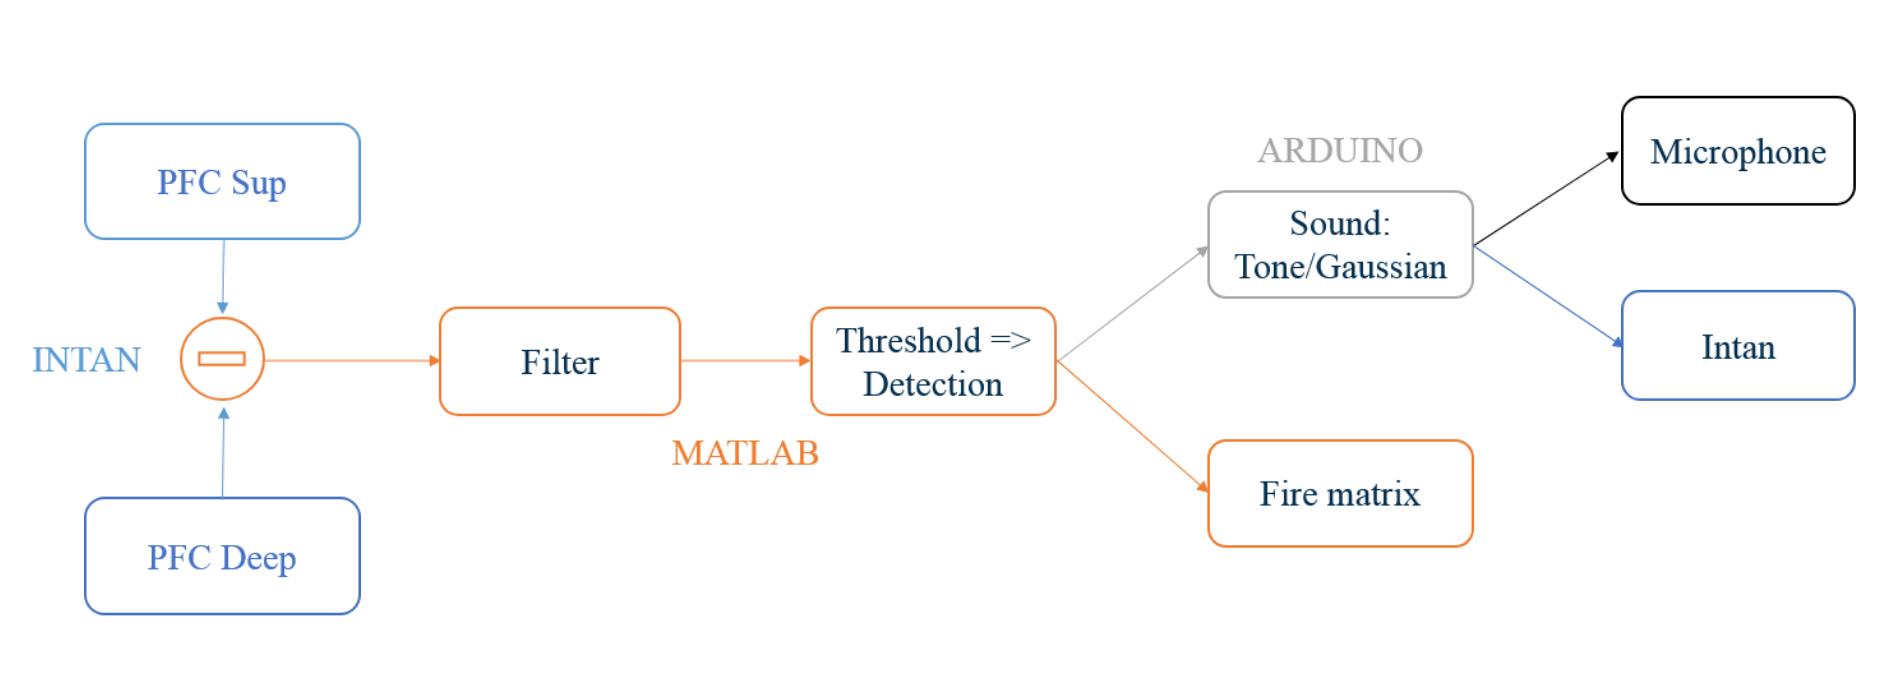 Arduino interface & Sound stimulations · MobsLab/DeltaFeedBack Wiki